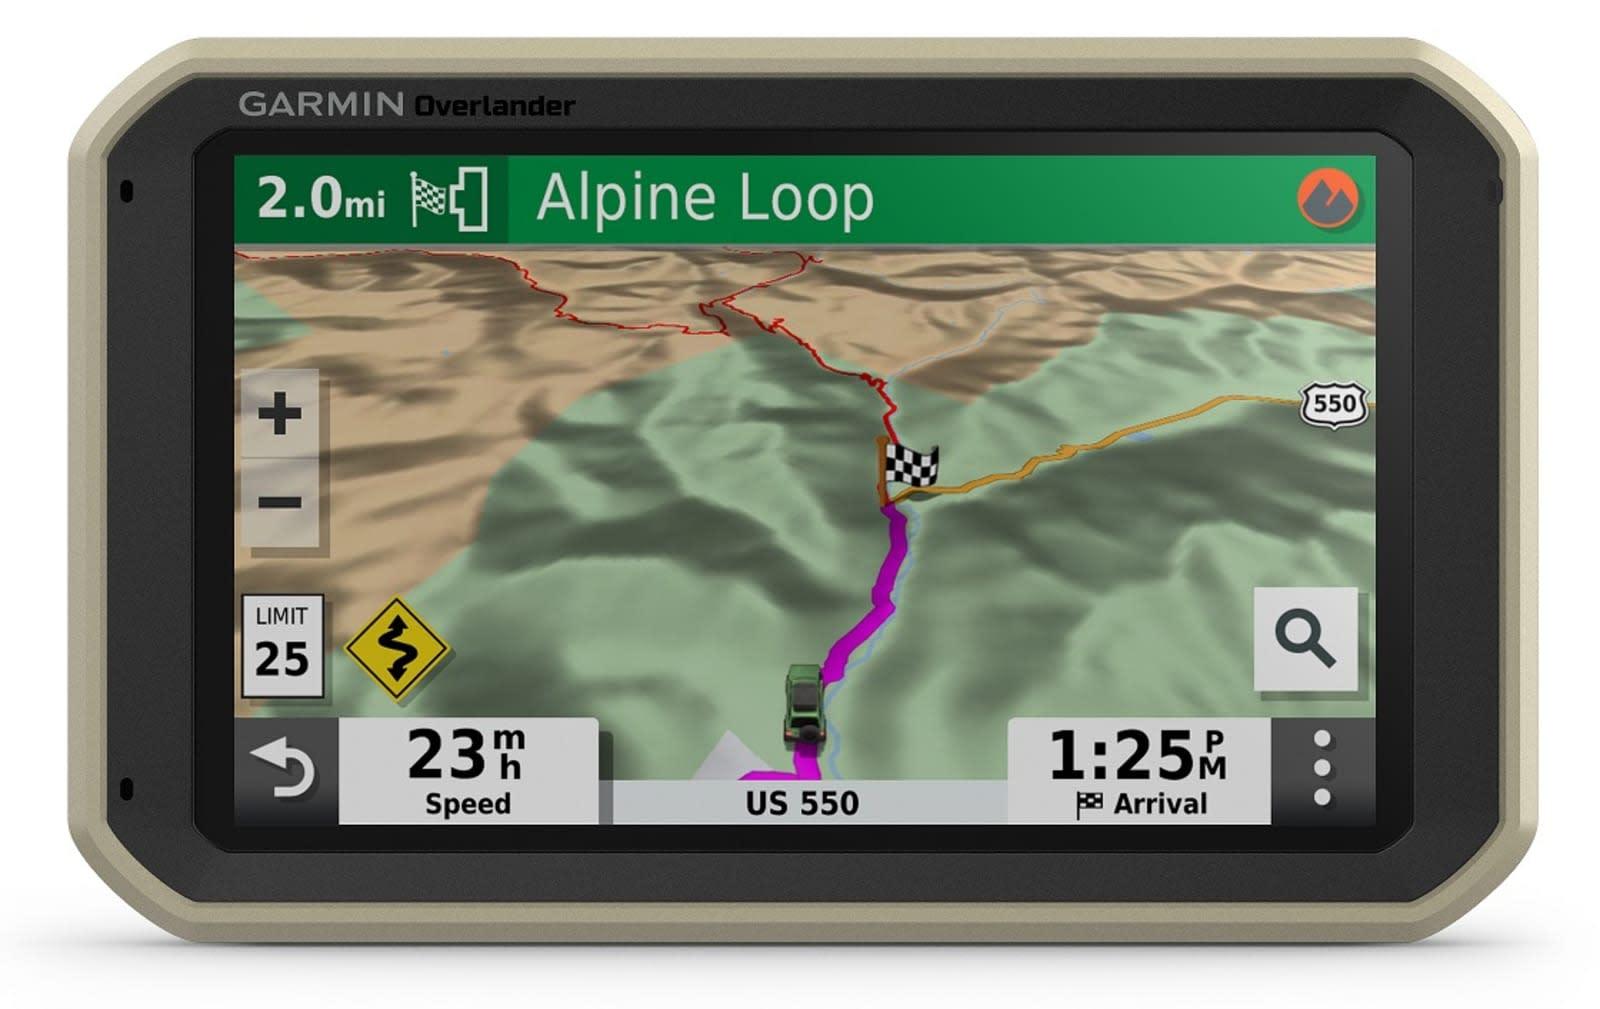 Garmin'in en yeni GPS'i arazi araştırmacıları için tasarlandı | Engadget